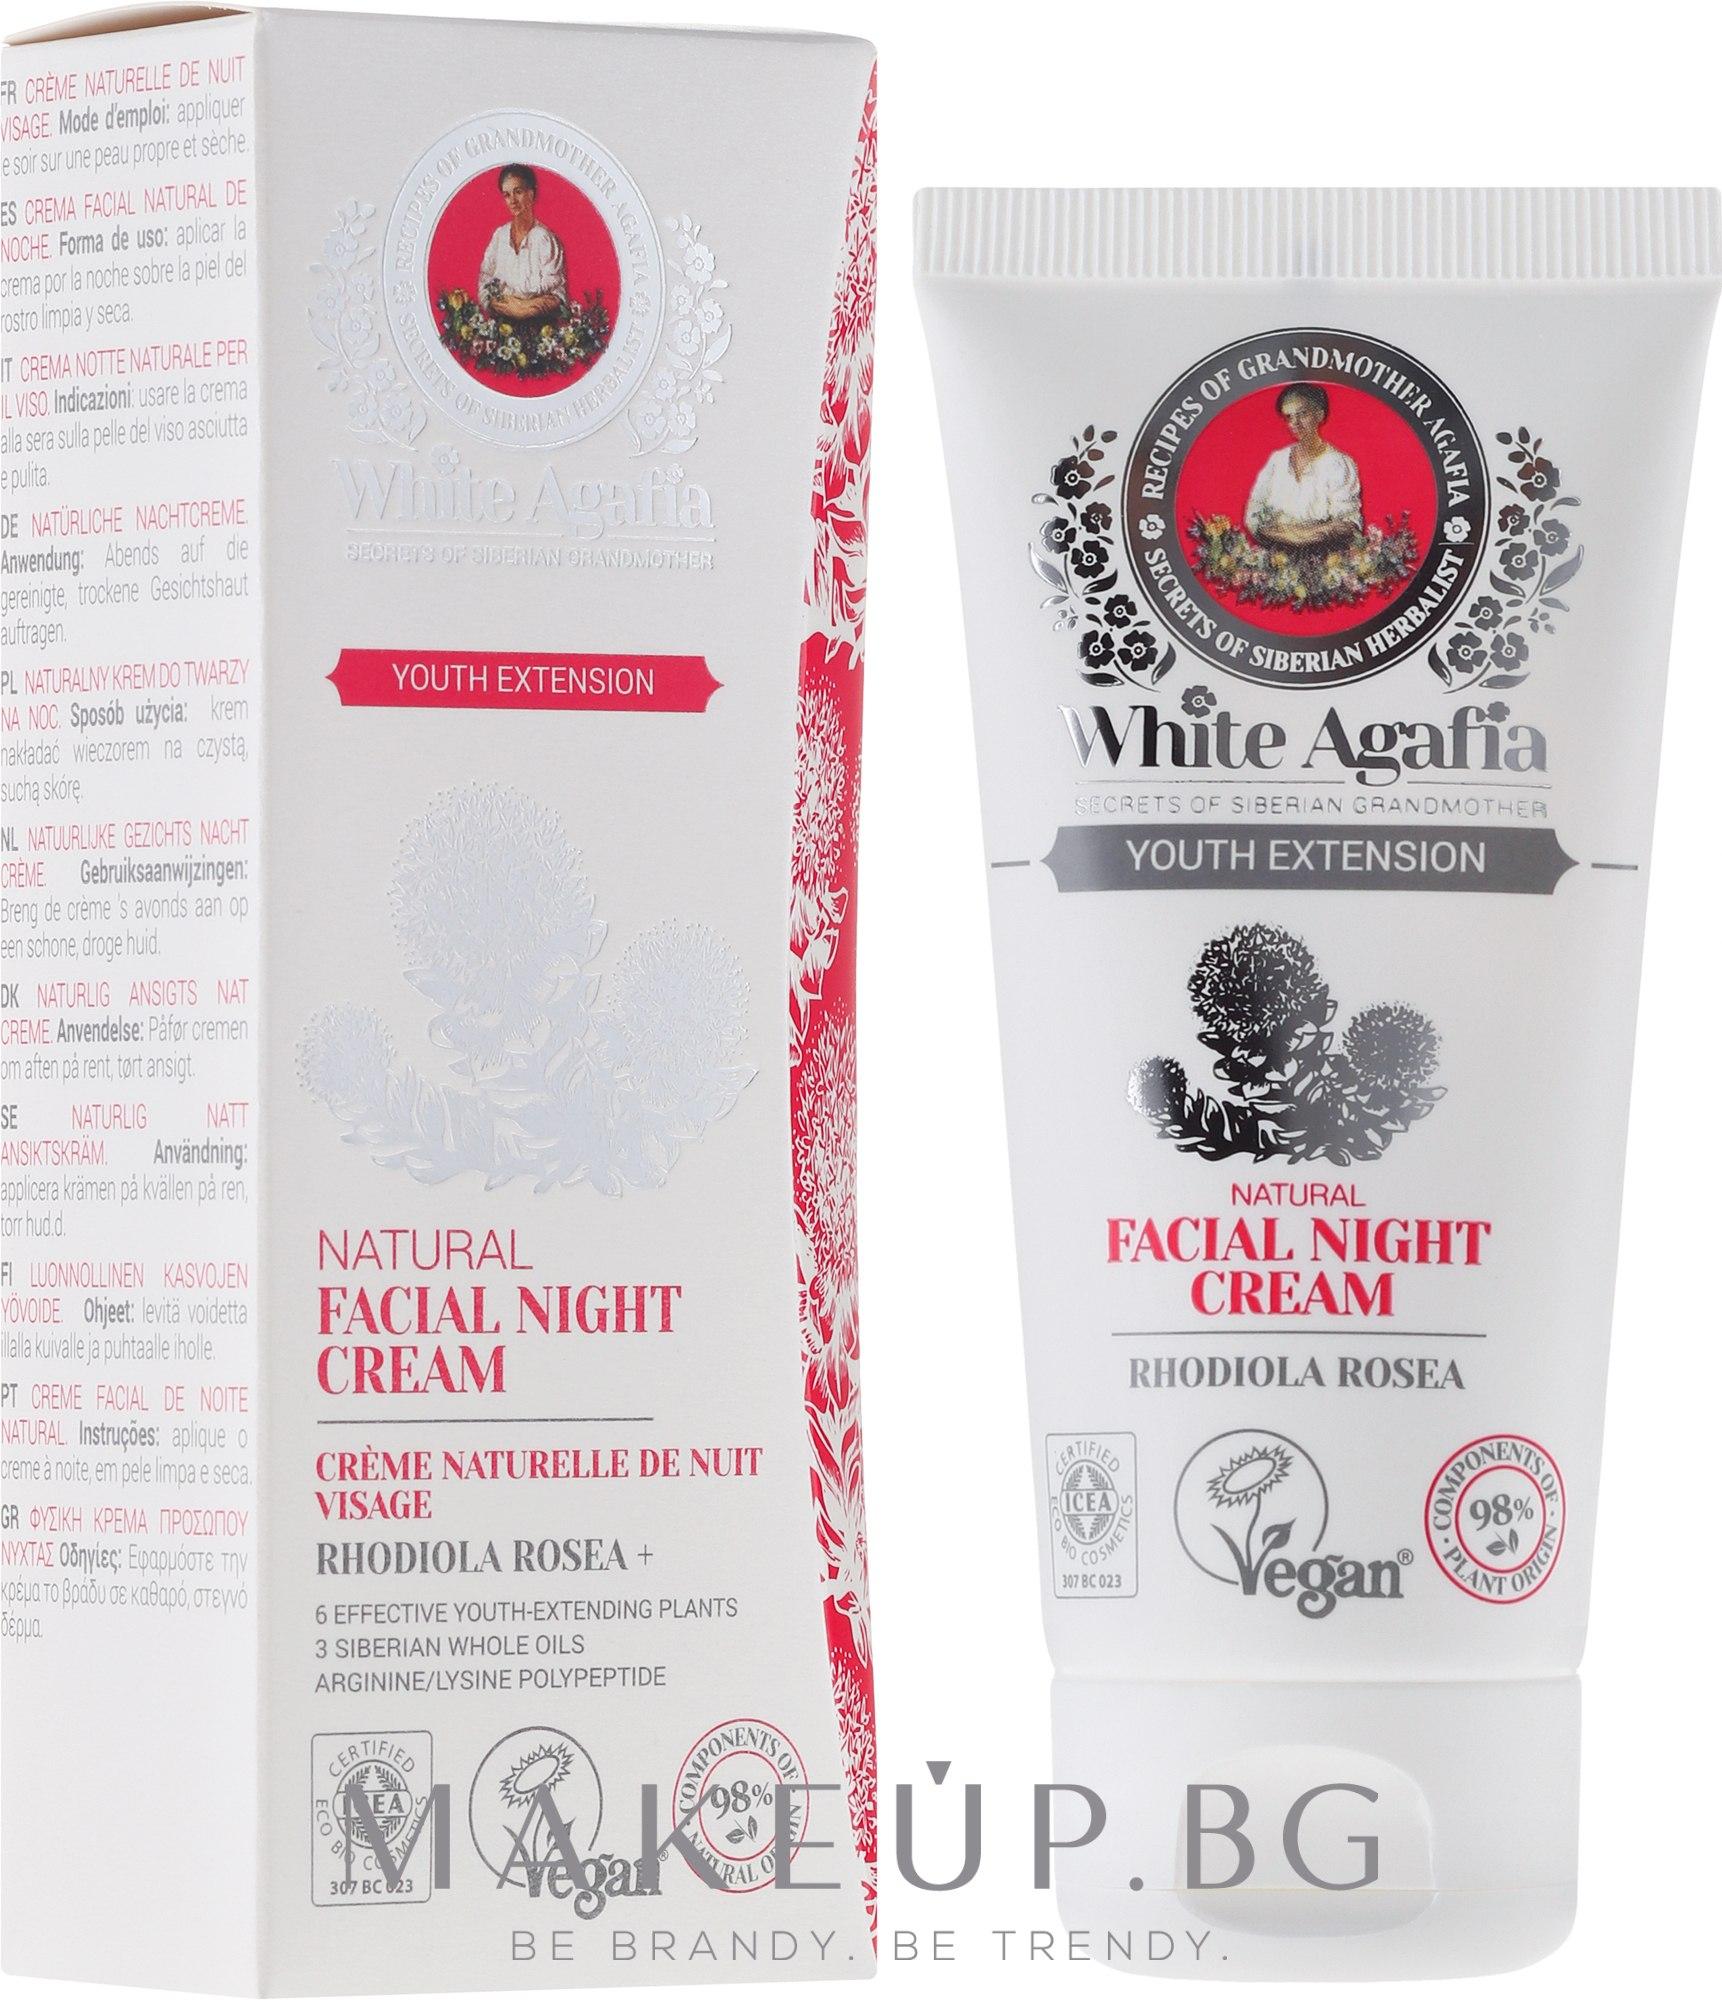 """Нощен крем за лице """"Дълга младост"""" 35-50 години - Рецептите на баба Агафия White Agafia Natural Facial Night Cream — снимка 50 ml"""